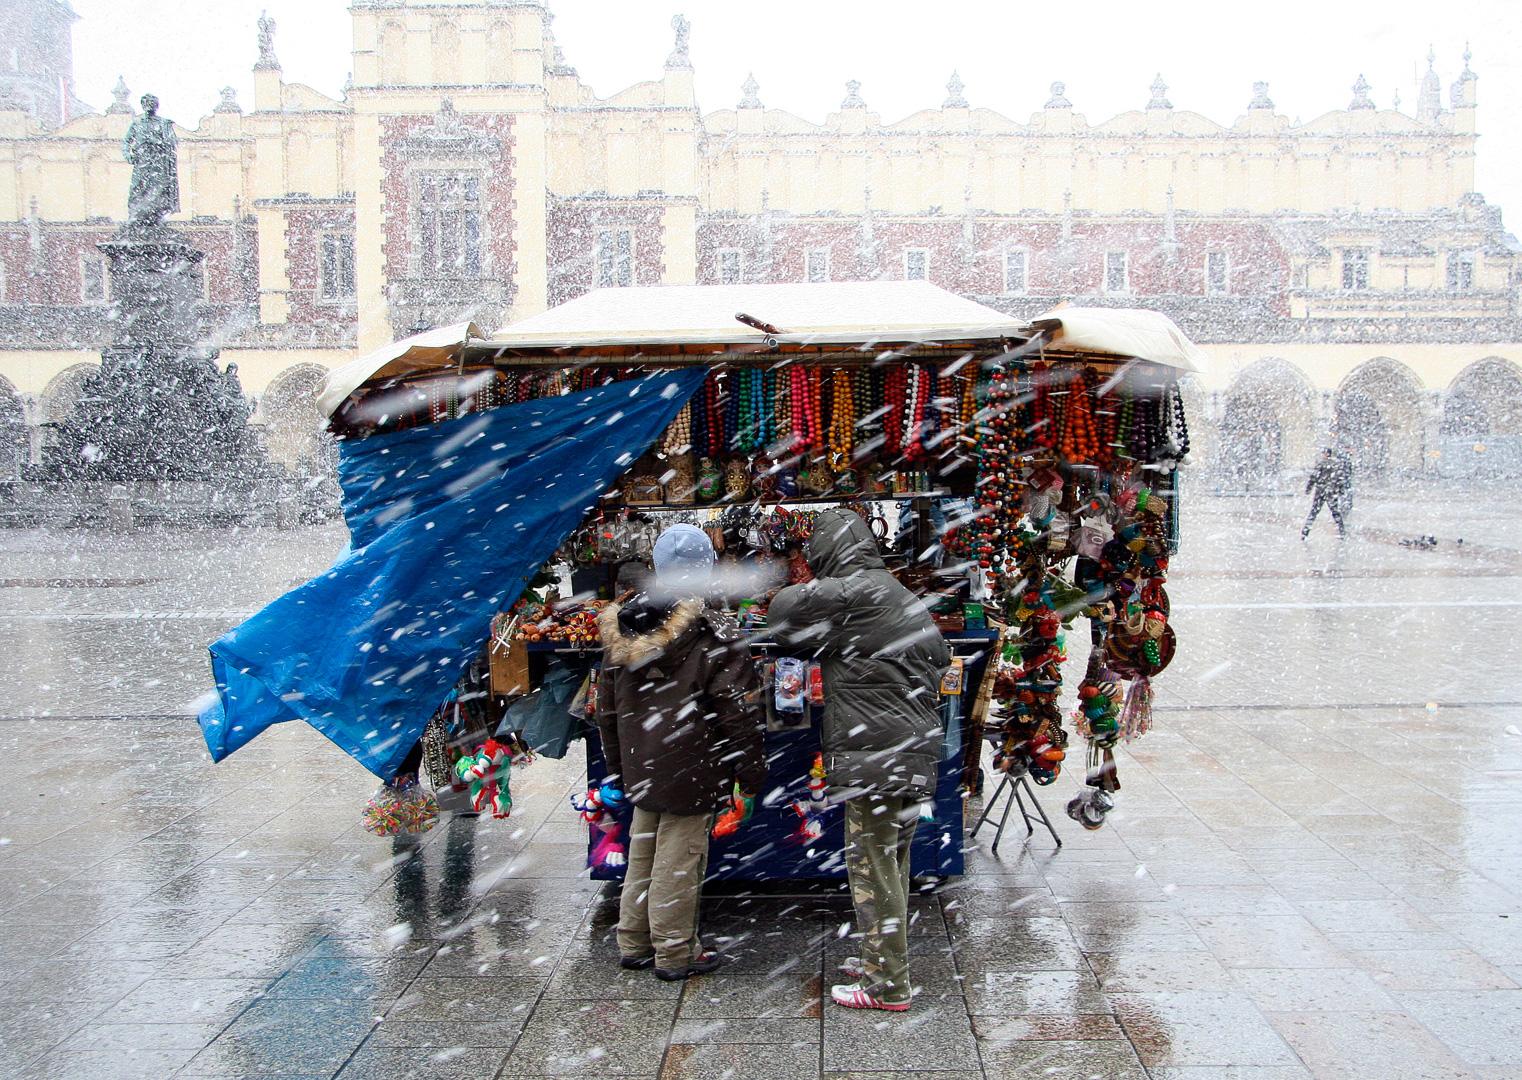 Winter in Krakow (foto: Roald Synnevåg)